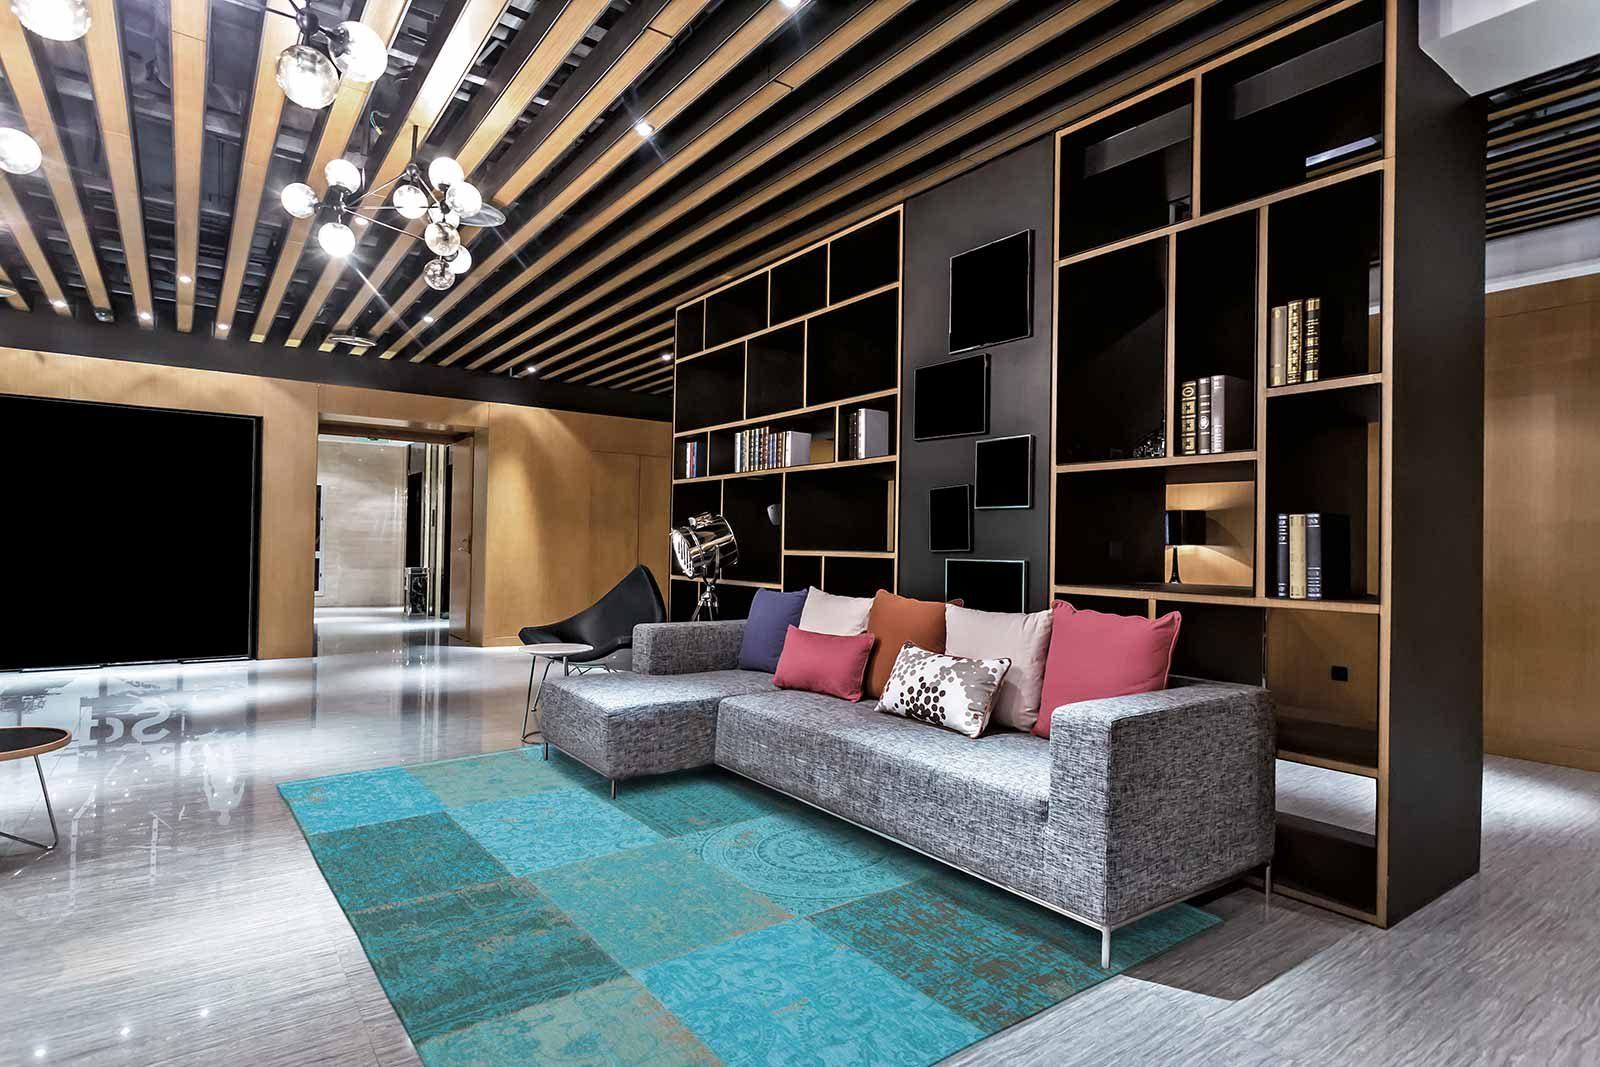 tapijt Louis De Poortere LX8015 Vintage Azur interior